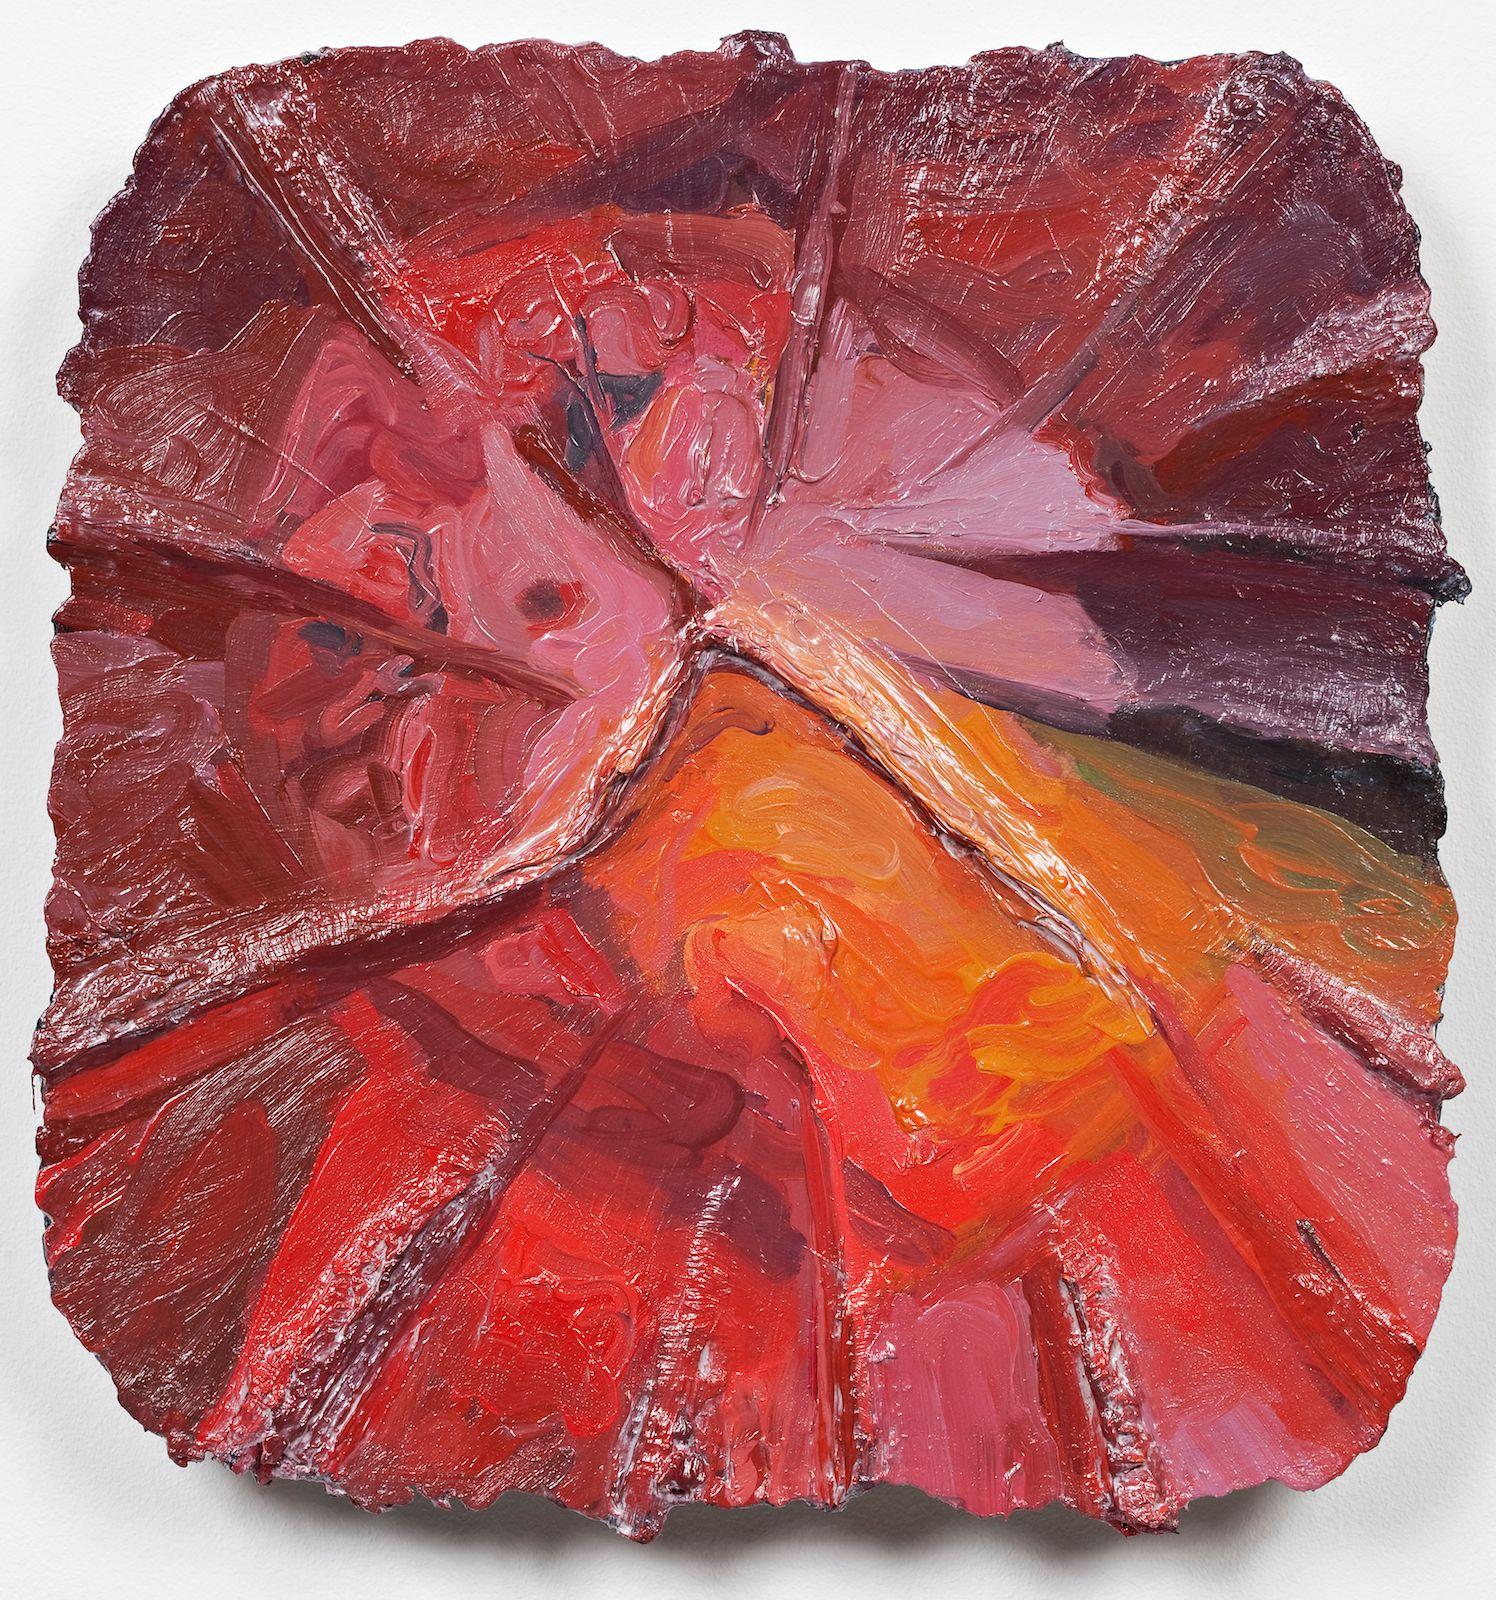 Studie til et ideelt hode (Trykk), 2009, oil on canvas on panel, 35.5 x 33.5 cm